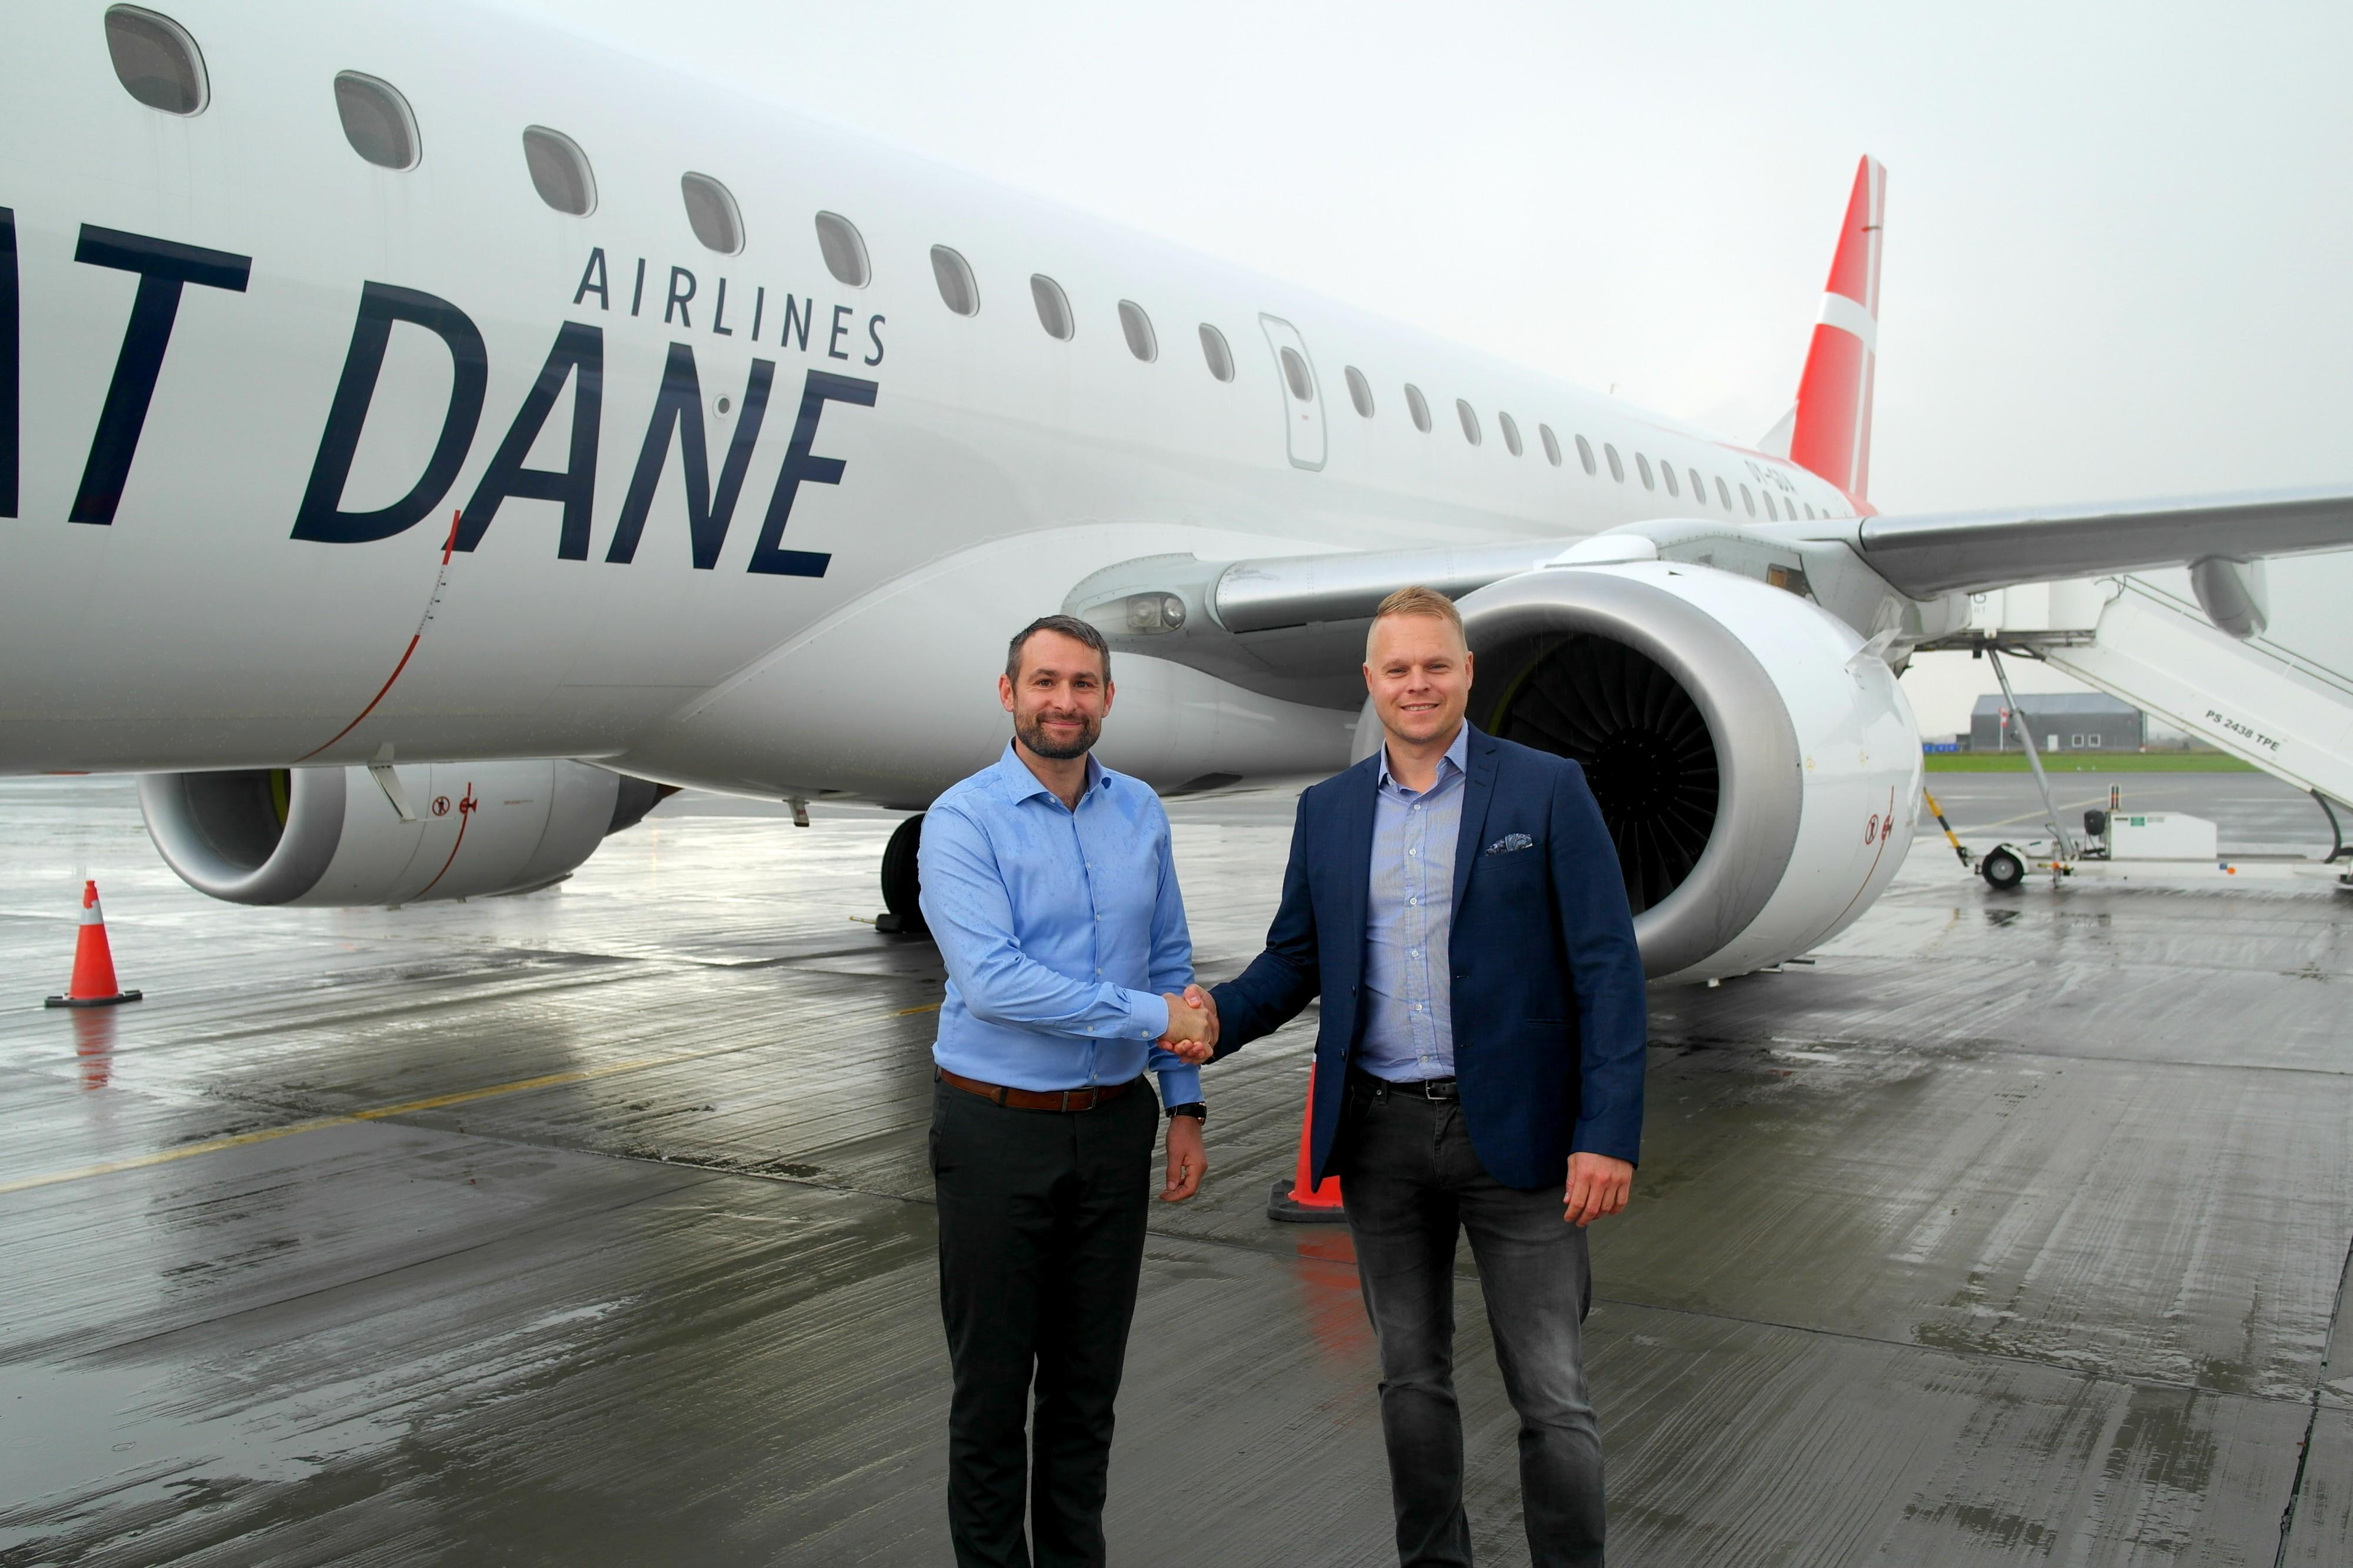 Great Dane Airlines har landet ny charterkontrakt med Århus Charter ud af Aarhus Lufthavn. Til venstre Great Dane Airlines' koncernchef, Thomas Hugo Møller, og Århus Charters bureauchef, Henrik G. Jensen. Pressefoto Århus Charter.